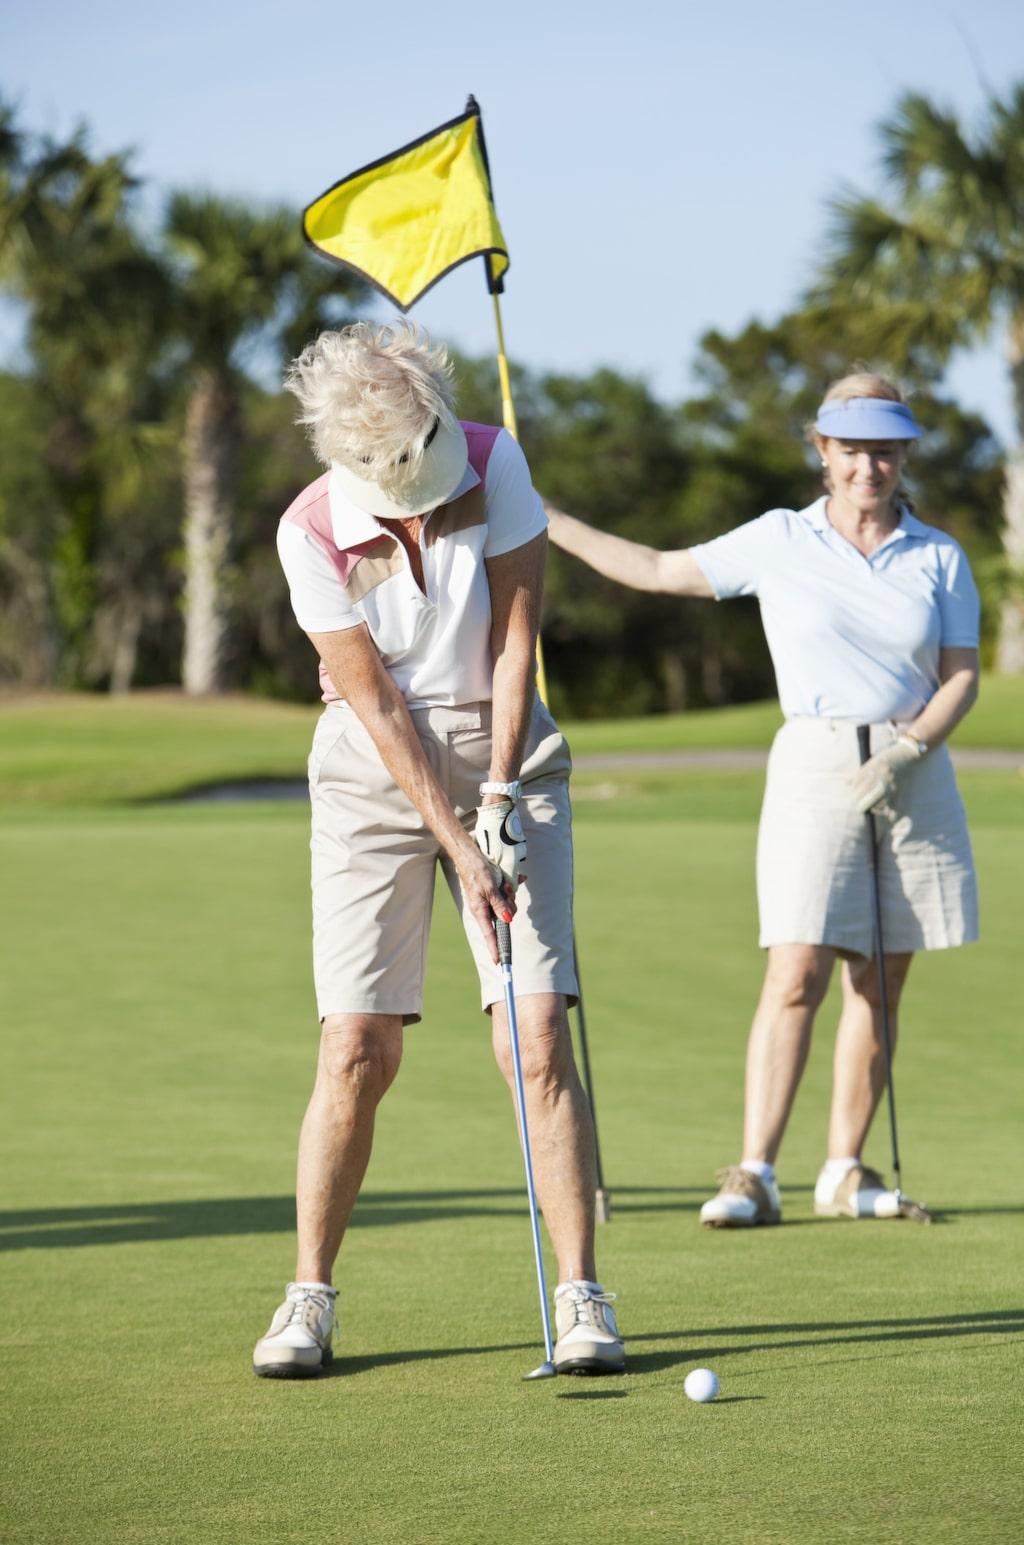 Golf eller lata dagar vid havet? Fundera över vilka önskemål du har på ditt nya semesterboende.